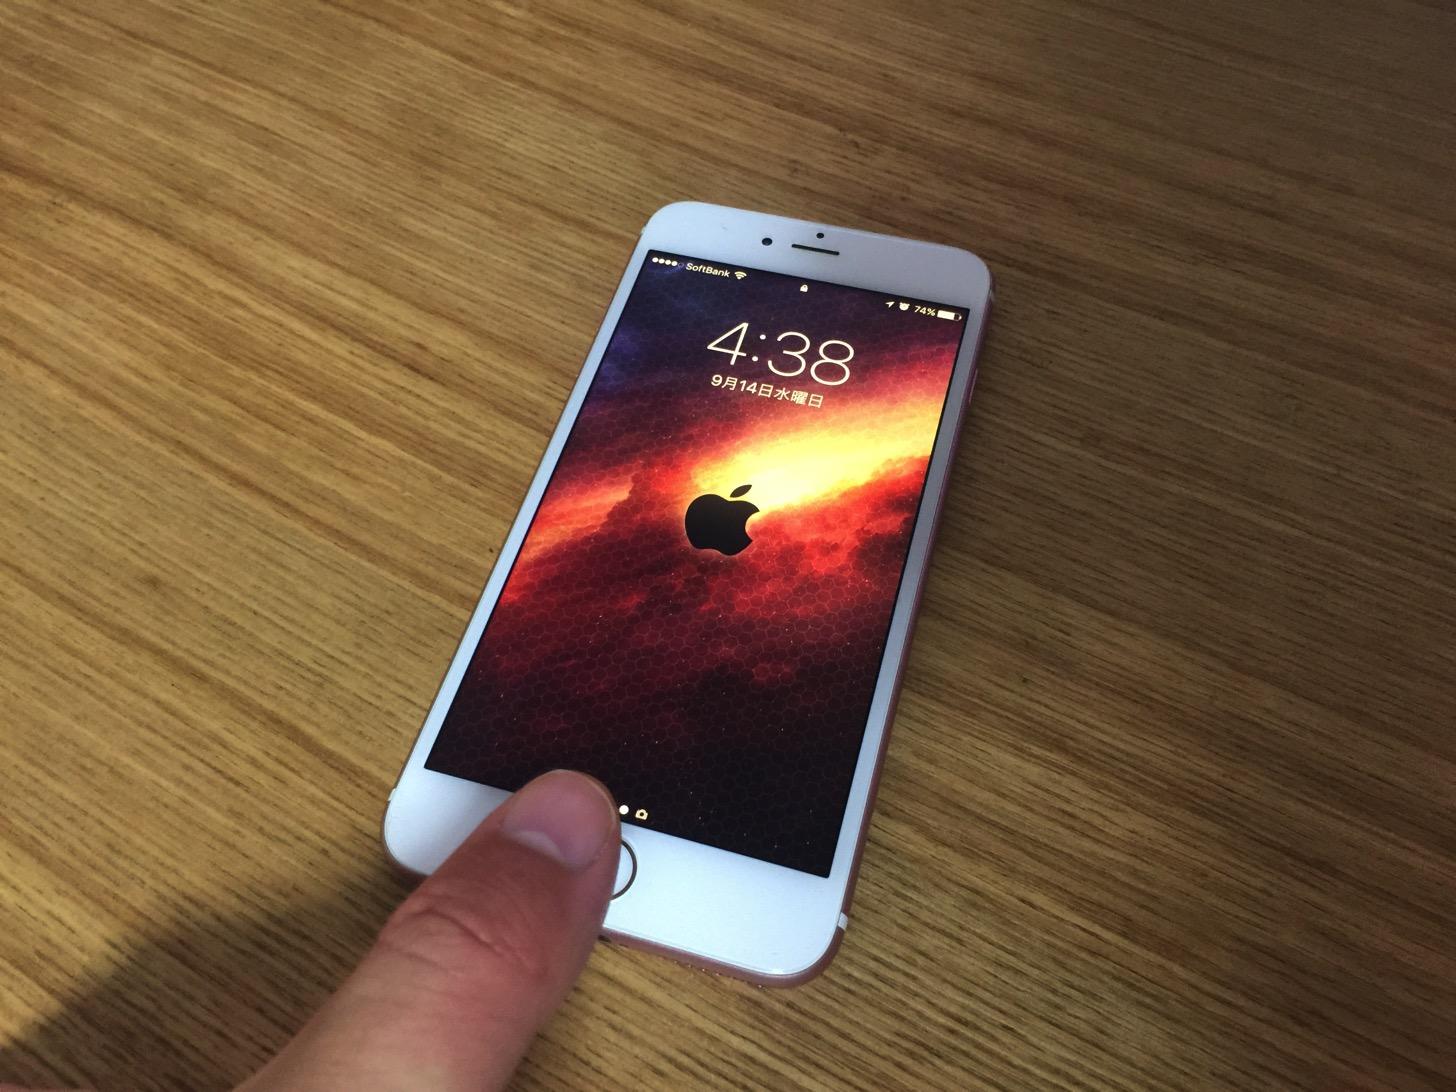 iPhone/iPadのロック解除を「ホームボタンを押す」から「ホームボタンに指を当てる」に戻す設定方法